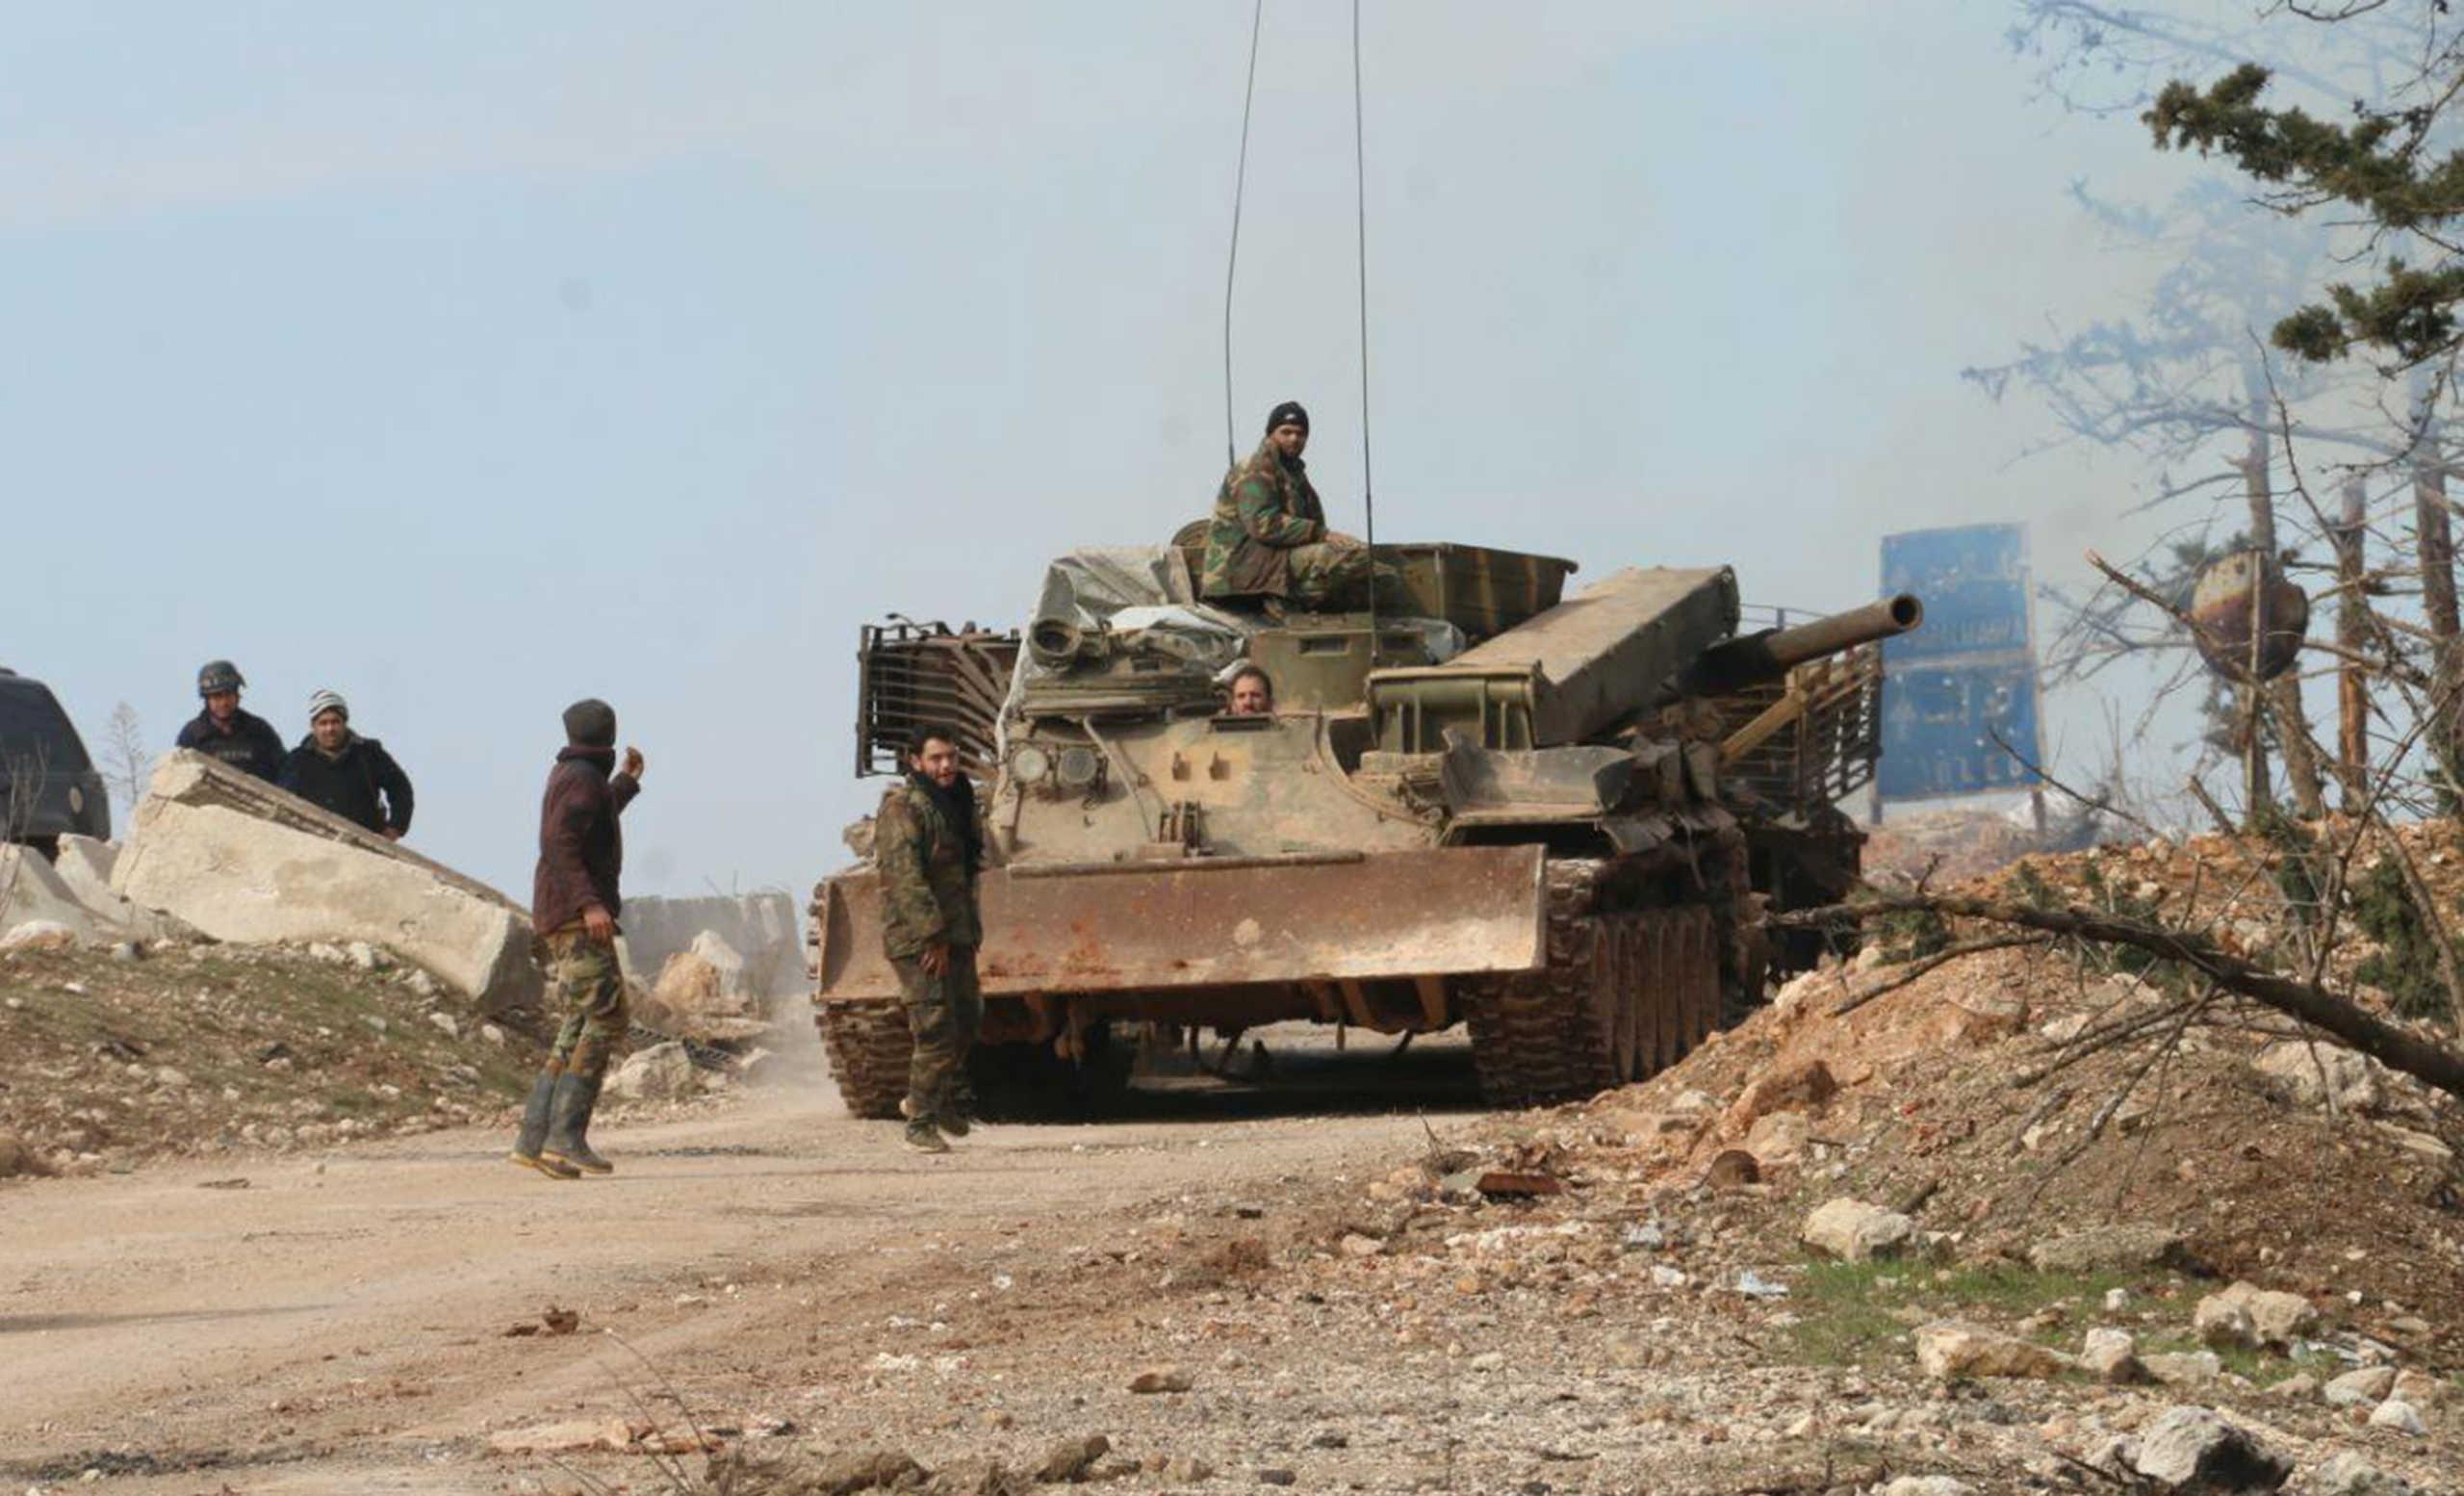 Μπρα ντε φερ Πούτιν και Ερντογάν στη Συρία! «Θα έχετε άσχημο τέλος»